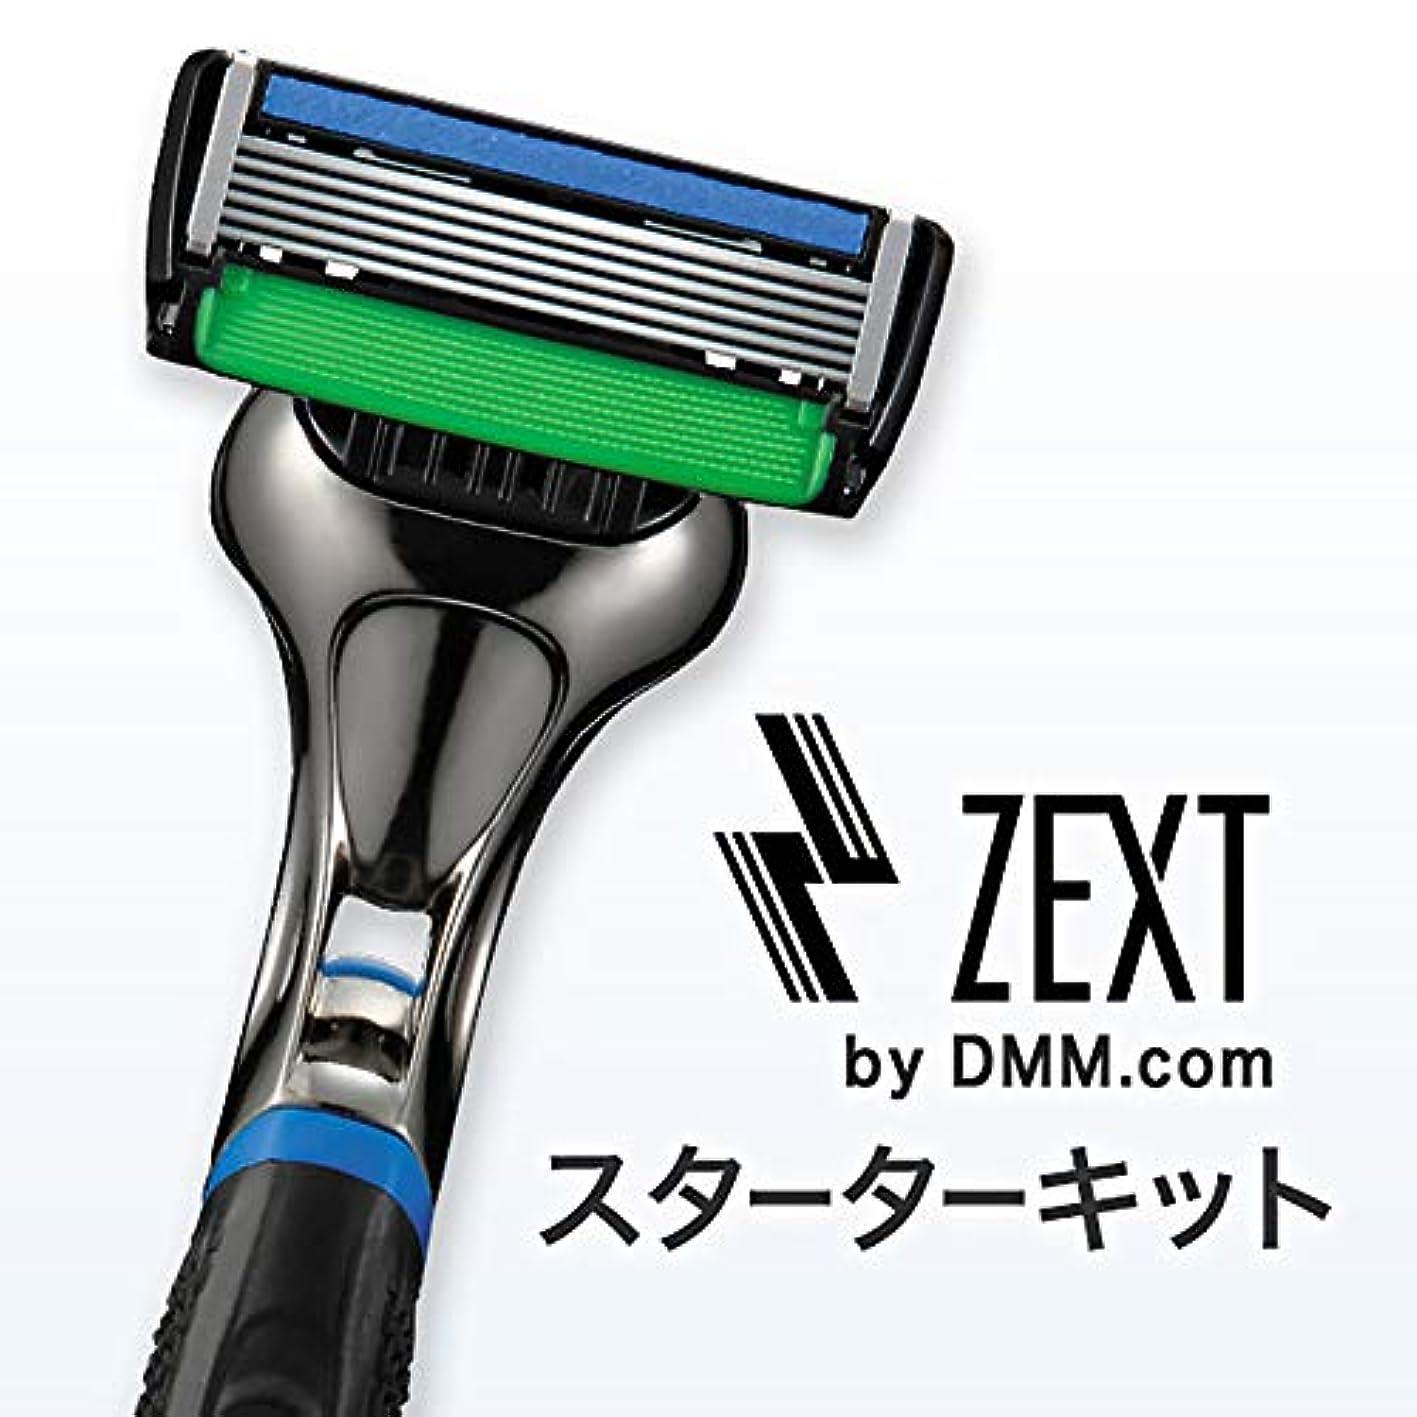 包帯解任磁器ZEXT 6枚刃カミソリ 本体替刃1個付